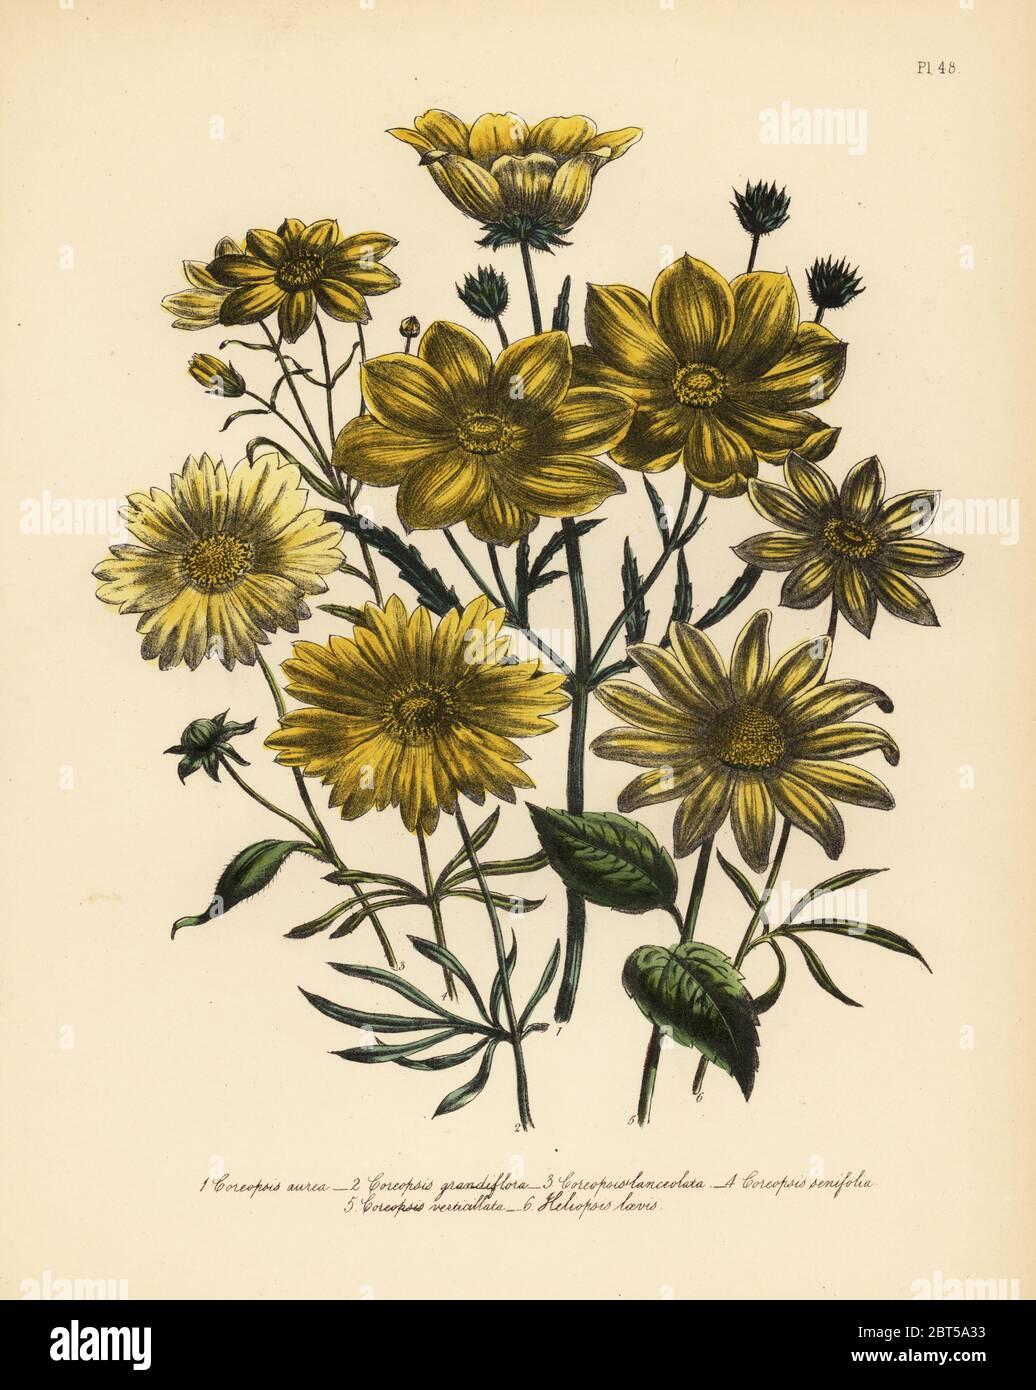 Aerlan Fiori Bellissimi Fiori,Bulbi di Giglio con Gemme in Vaso-W/_1,perenne per Il Giardino Fiori Semi